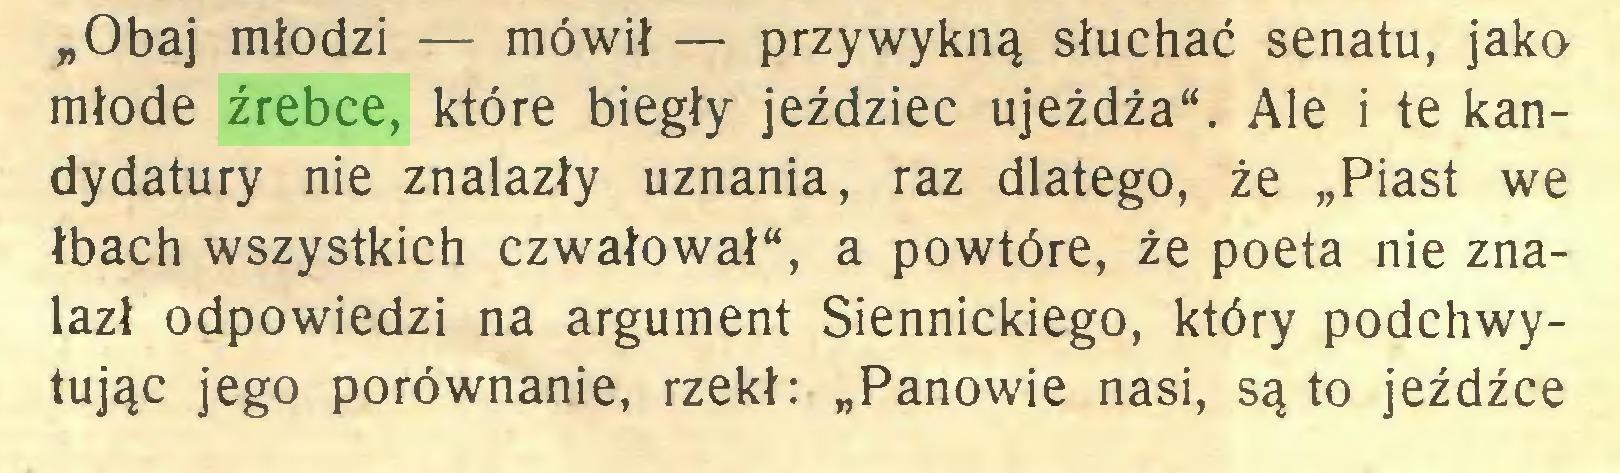 """(...) """"Obaj młodzi — mówił — przywykną słuchać senatu, jako młode źrebce, które biegły jeździec ujeżdża"""". Ale i te kandydatury nie znalazły uznania, raz dlatego, że """"Piast we łbach wszystkich czwałował"""", a powtóre, że poeta nie znalazł odpowiedzi na argument Siennickiego, który podchwytując jego porównanie, rzekł: """"Panowie nasi, są to jeźdźce..."""